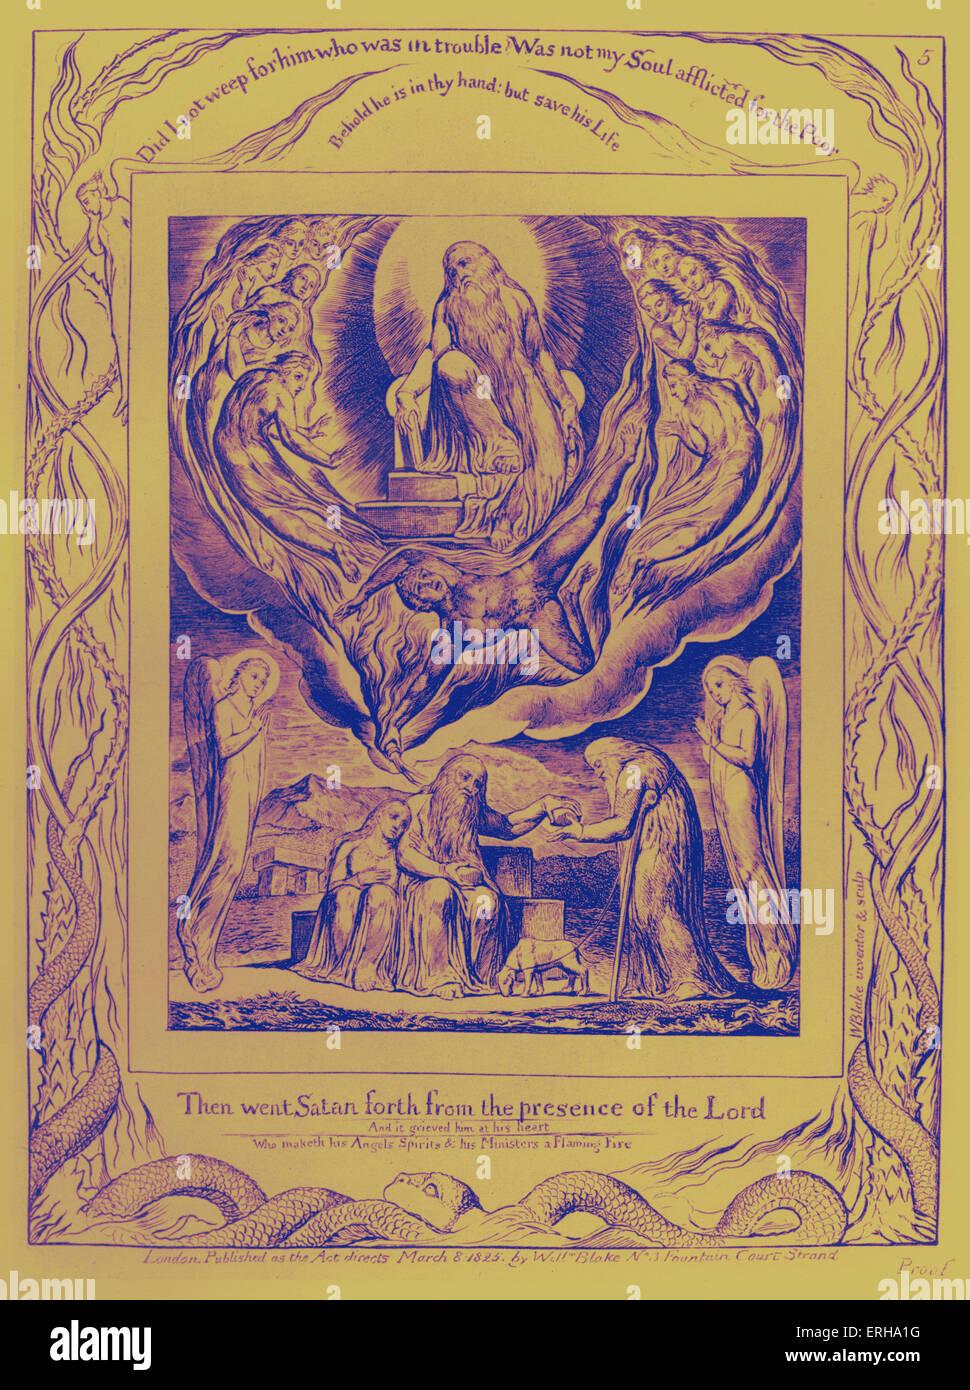 Satan geht hervor aus der Gegenwart des Herrn von William Blake, von den Abbildungen des Buches Hiob, 1825. Beschriftungen Stockbild